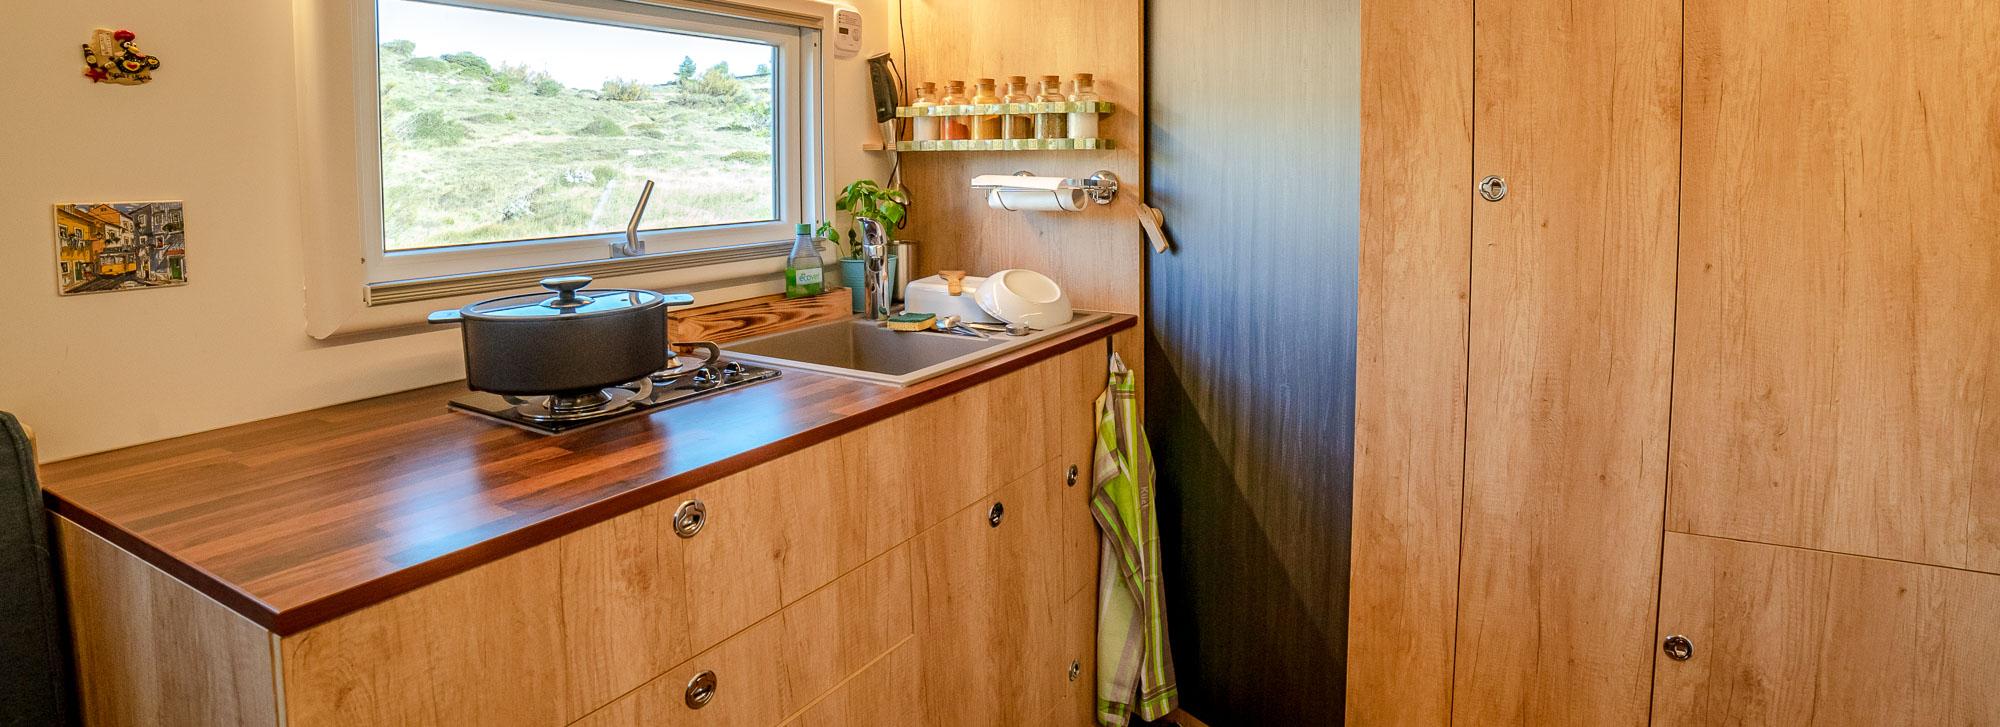 Unsere (ziemlich perfekte) Wohnmobil Küche